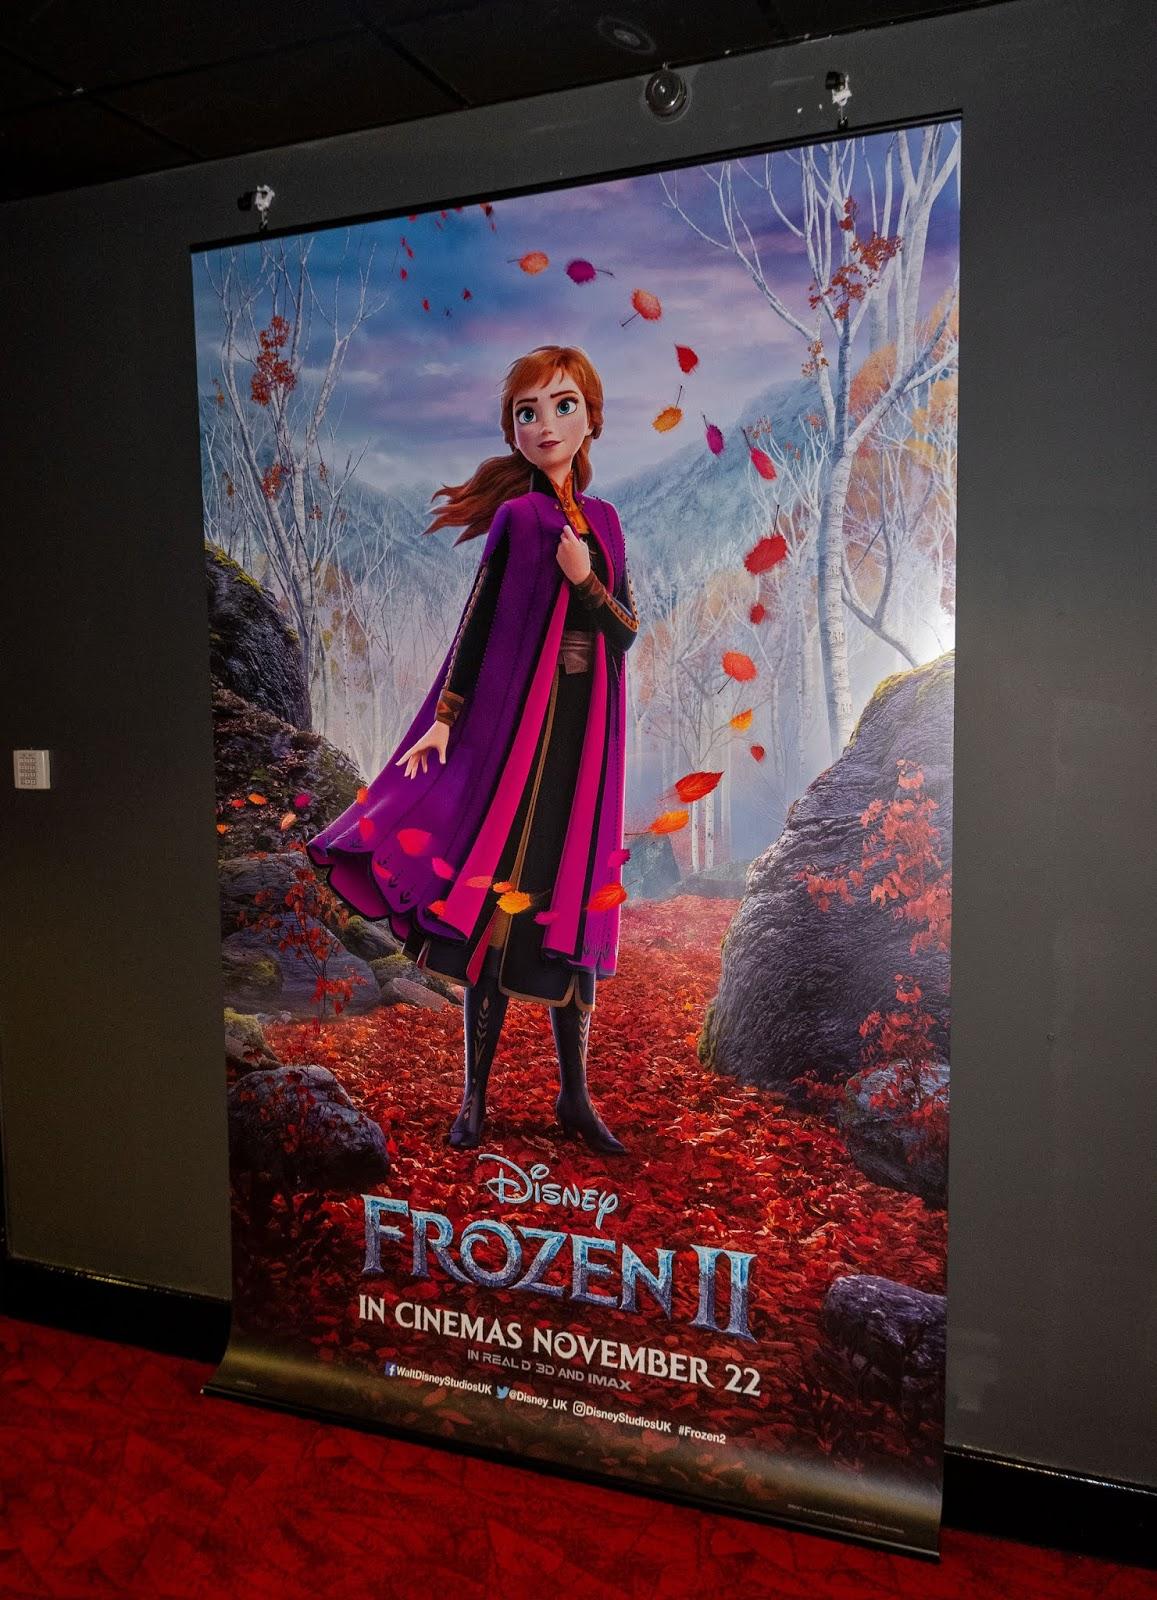 Princess Anna Frozen 2 poster at Empire Cinemas